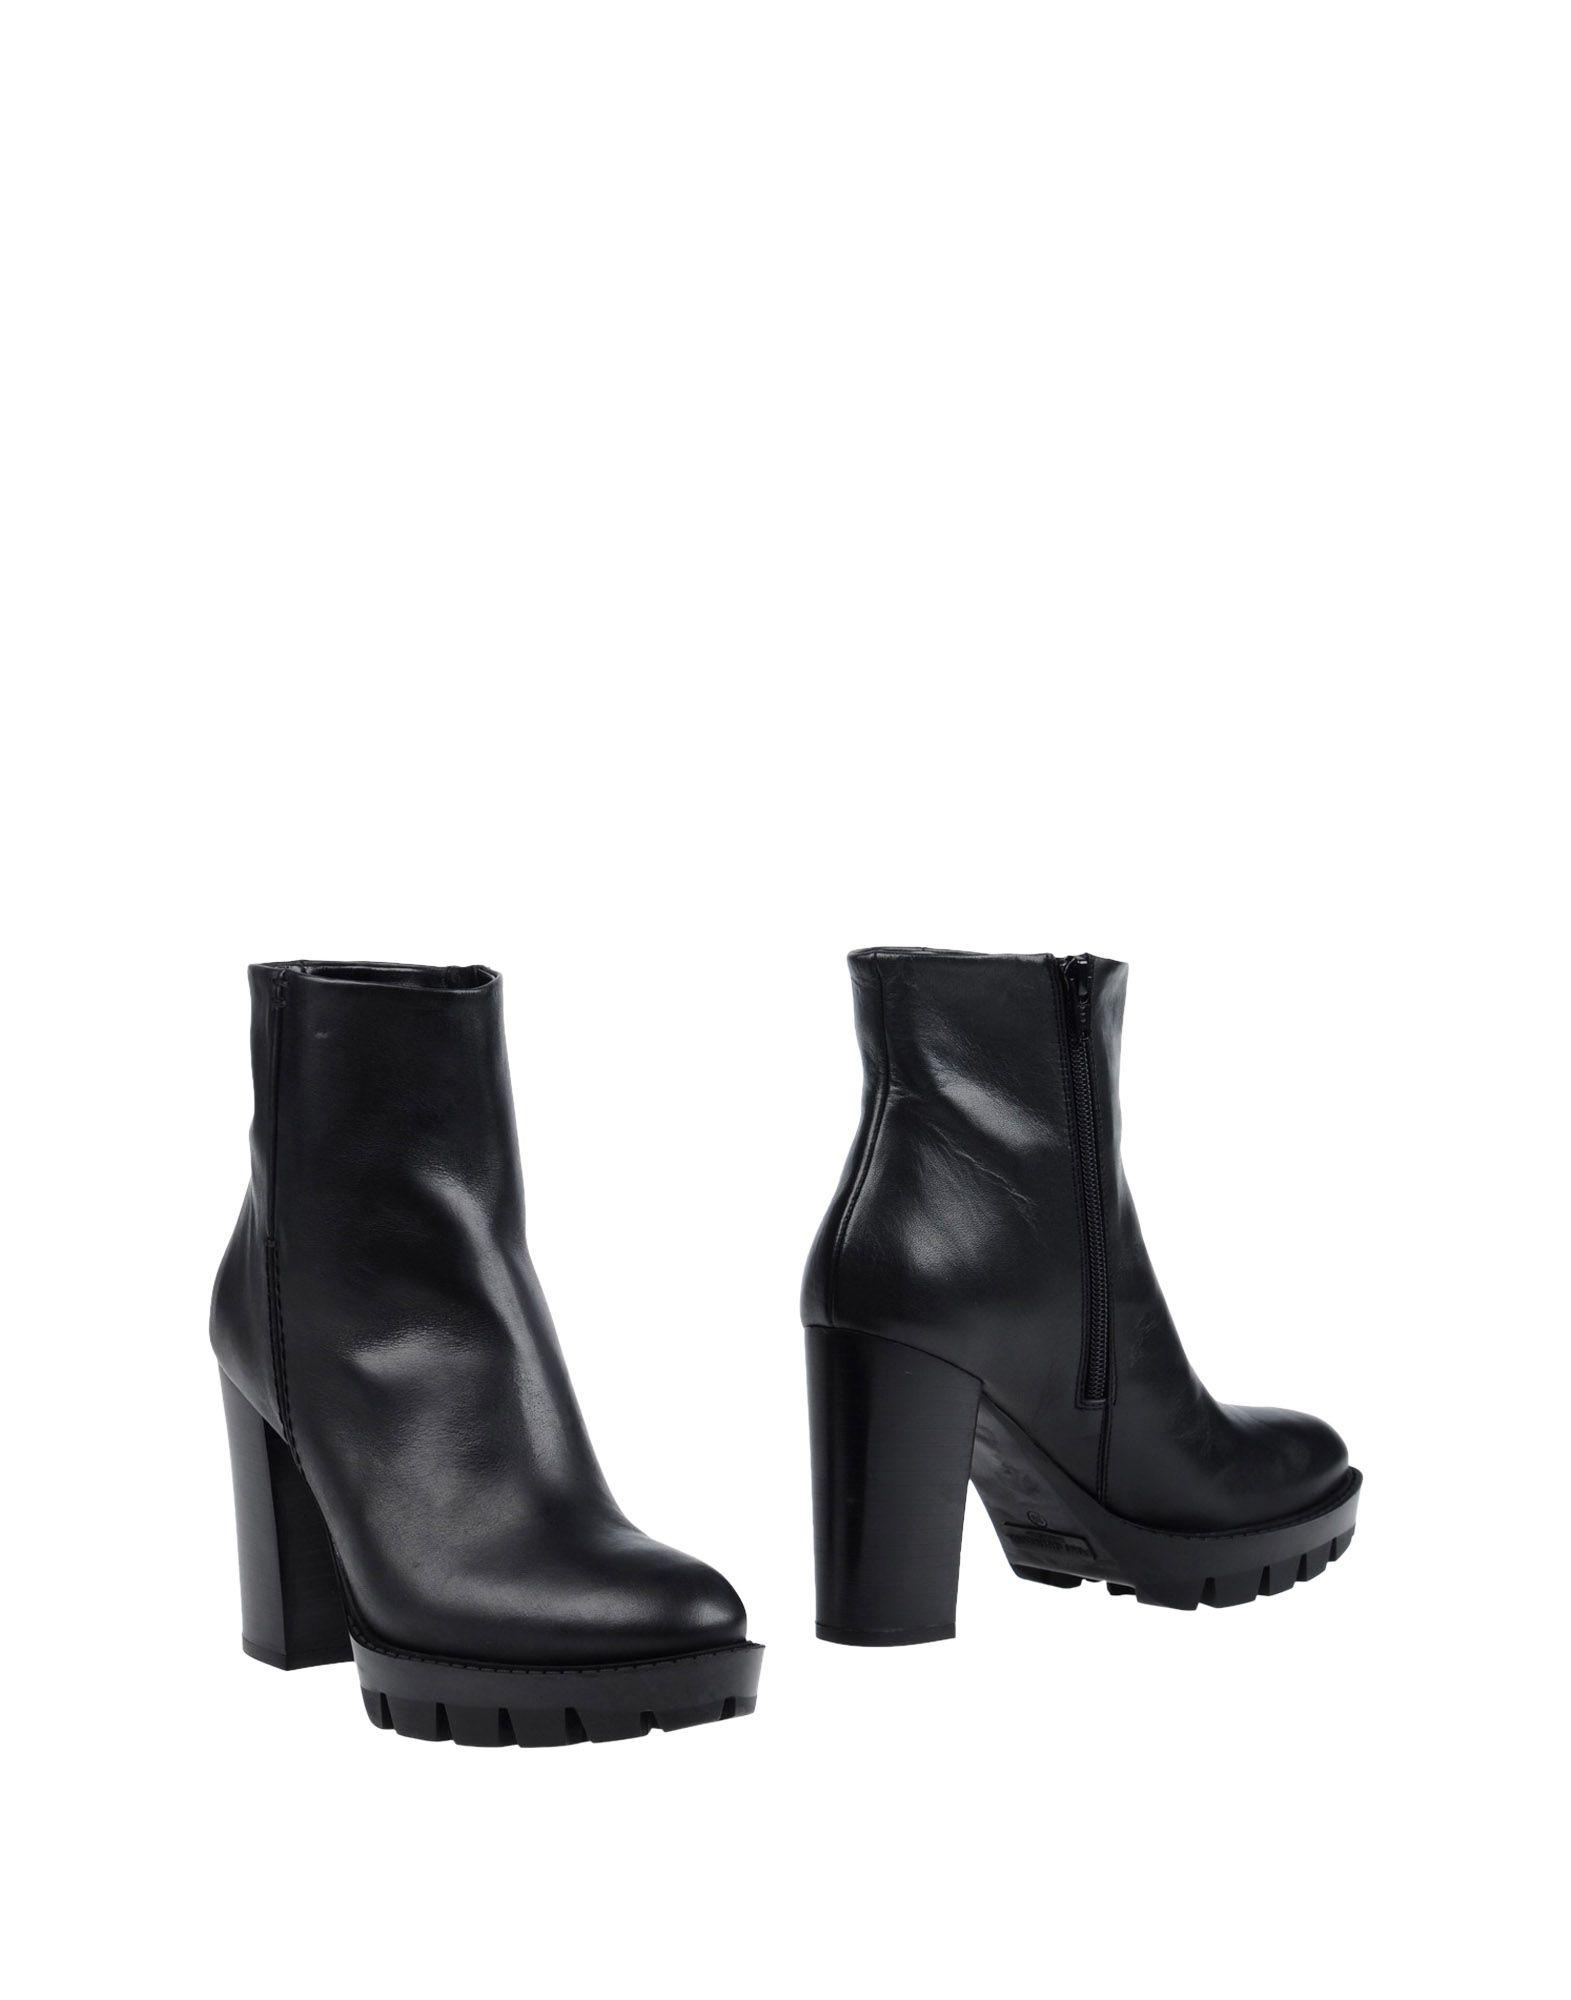 Pons Quintana Stiefelette Damen  11256594PV Gute Qualität beliebte Schuhe